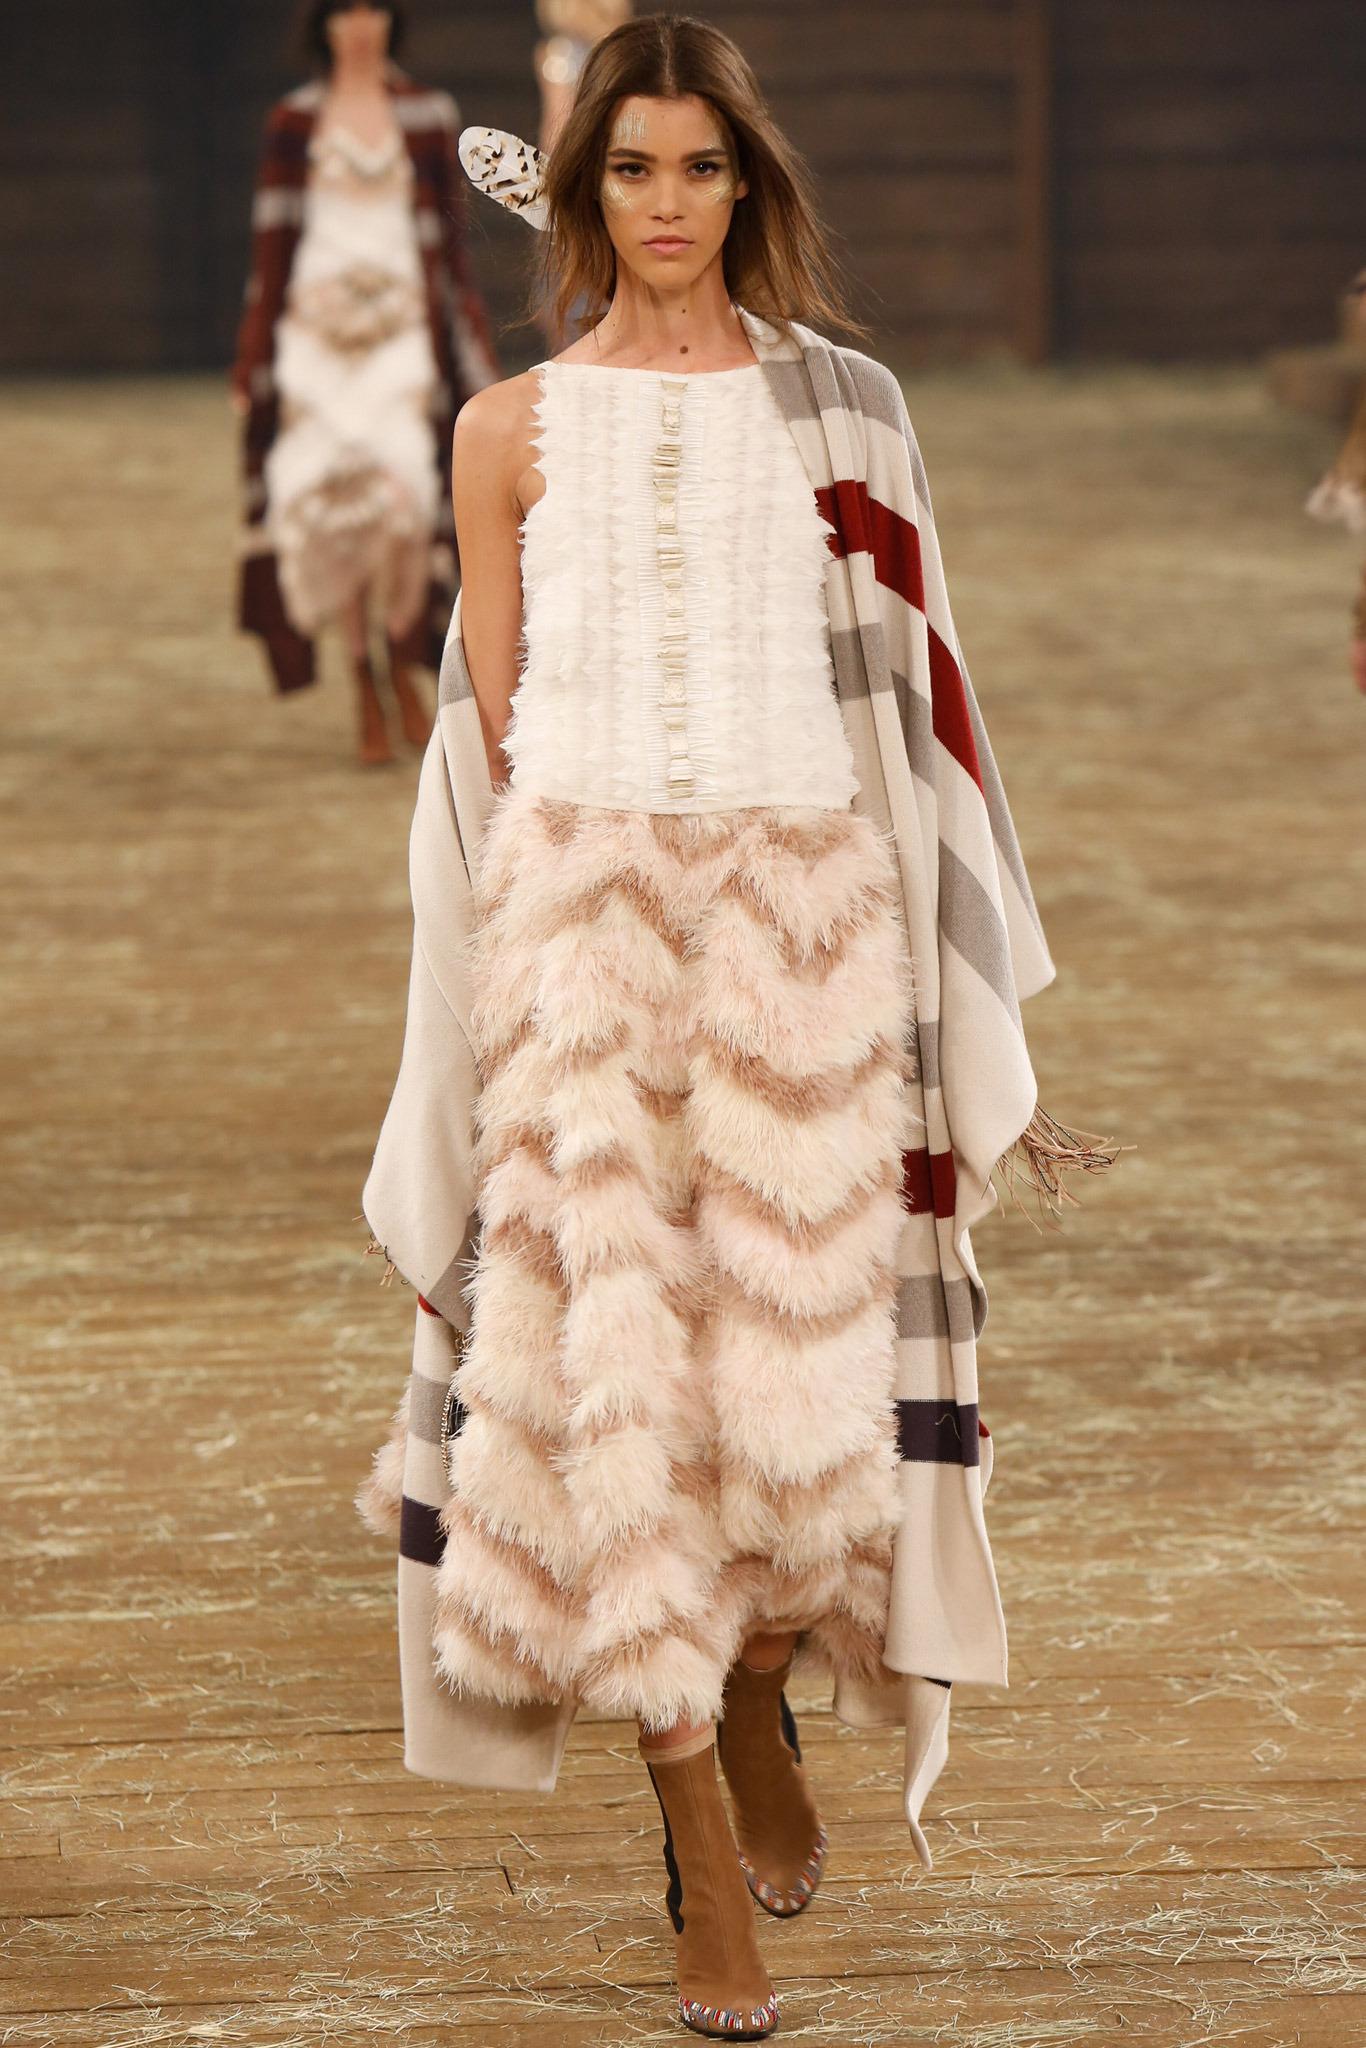 Кутюрная коллекция Chanel Spring 2015 в деталях (ВИДЕО). показ.  Гаспар Ульель в новом видео аромата Bleu de Chanel.